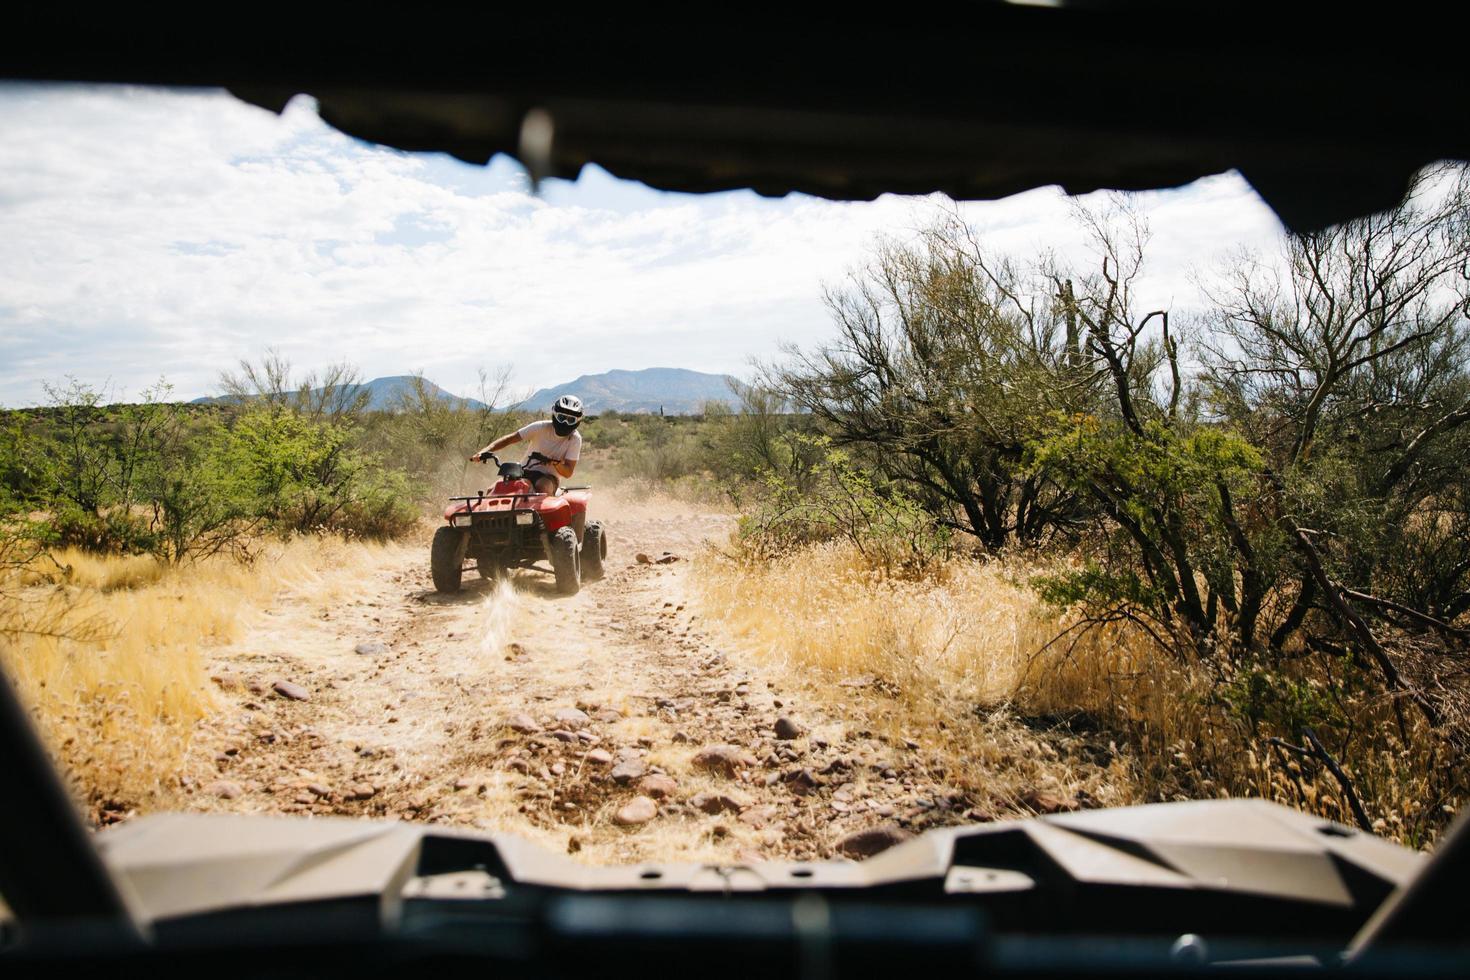 Quad riding in desert photo